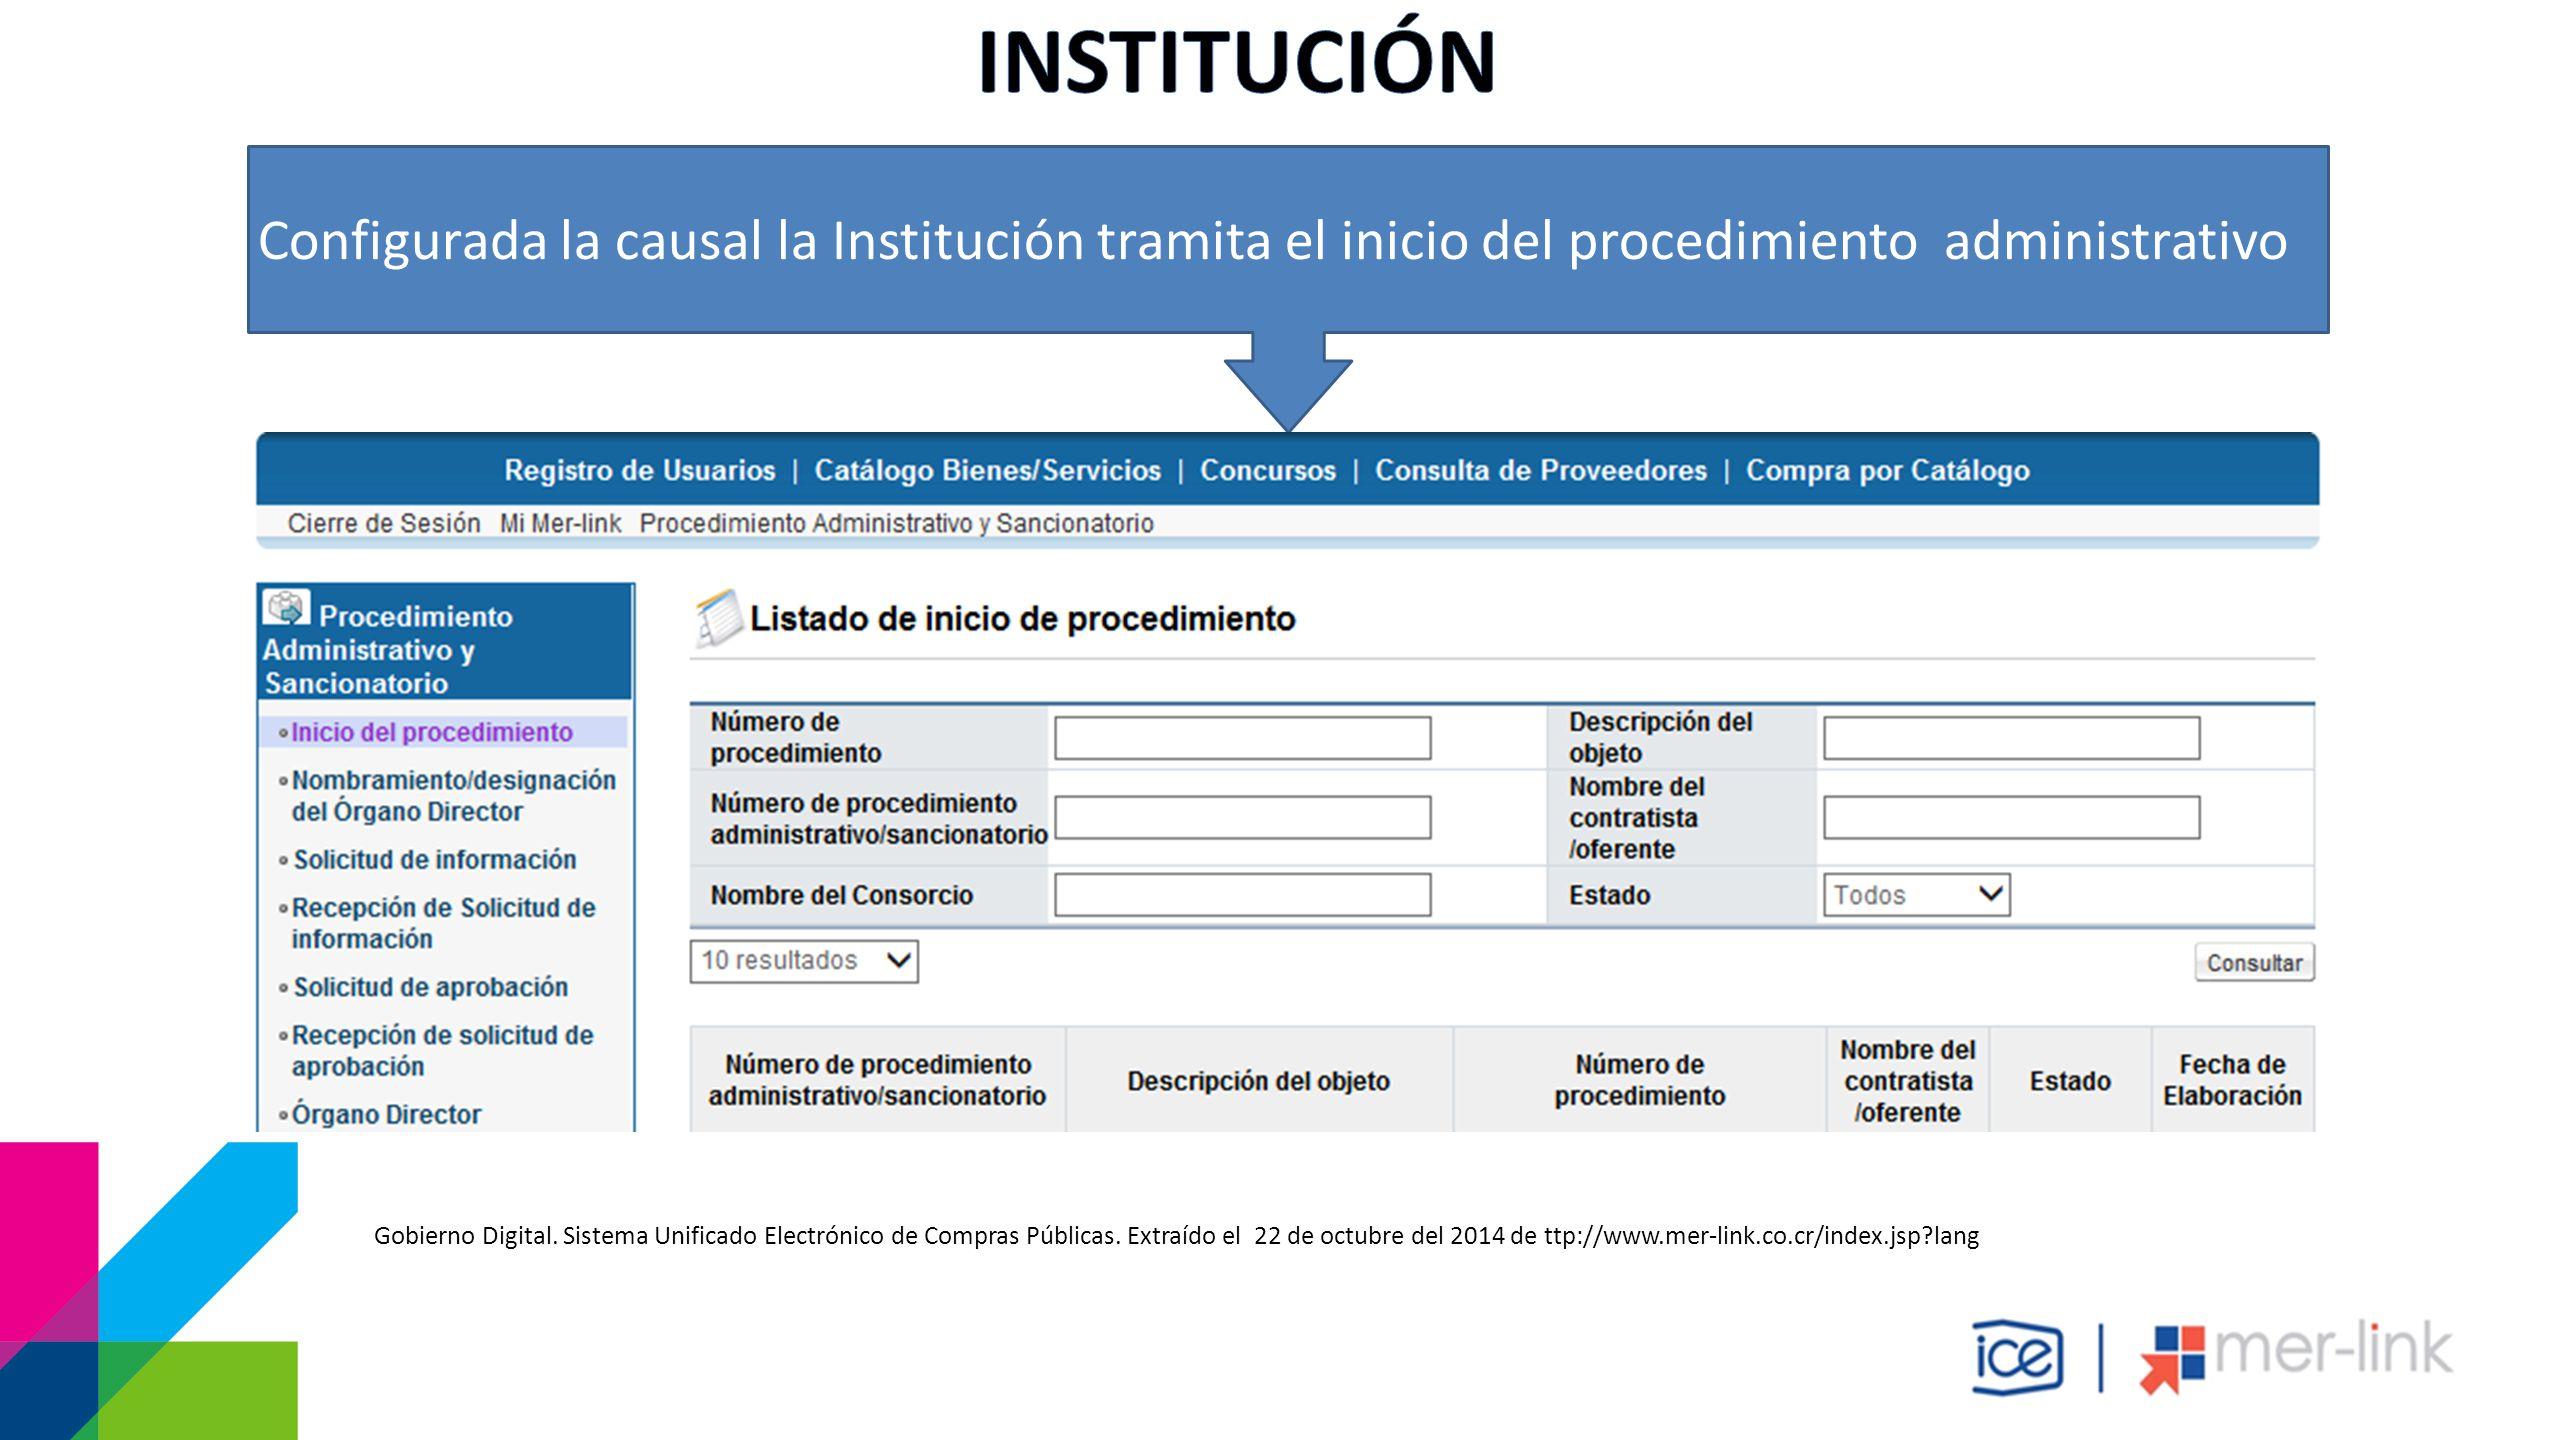 Configurada la causal la Institución tramita el inicio del procedimiento administrativo Gobierno Digital.